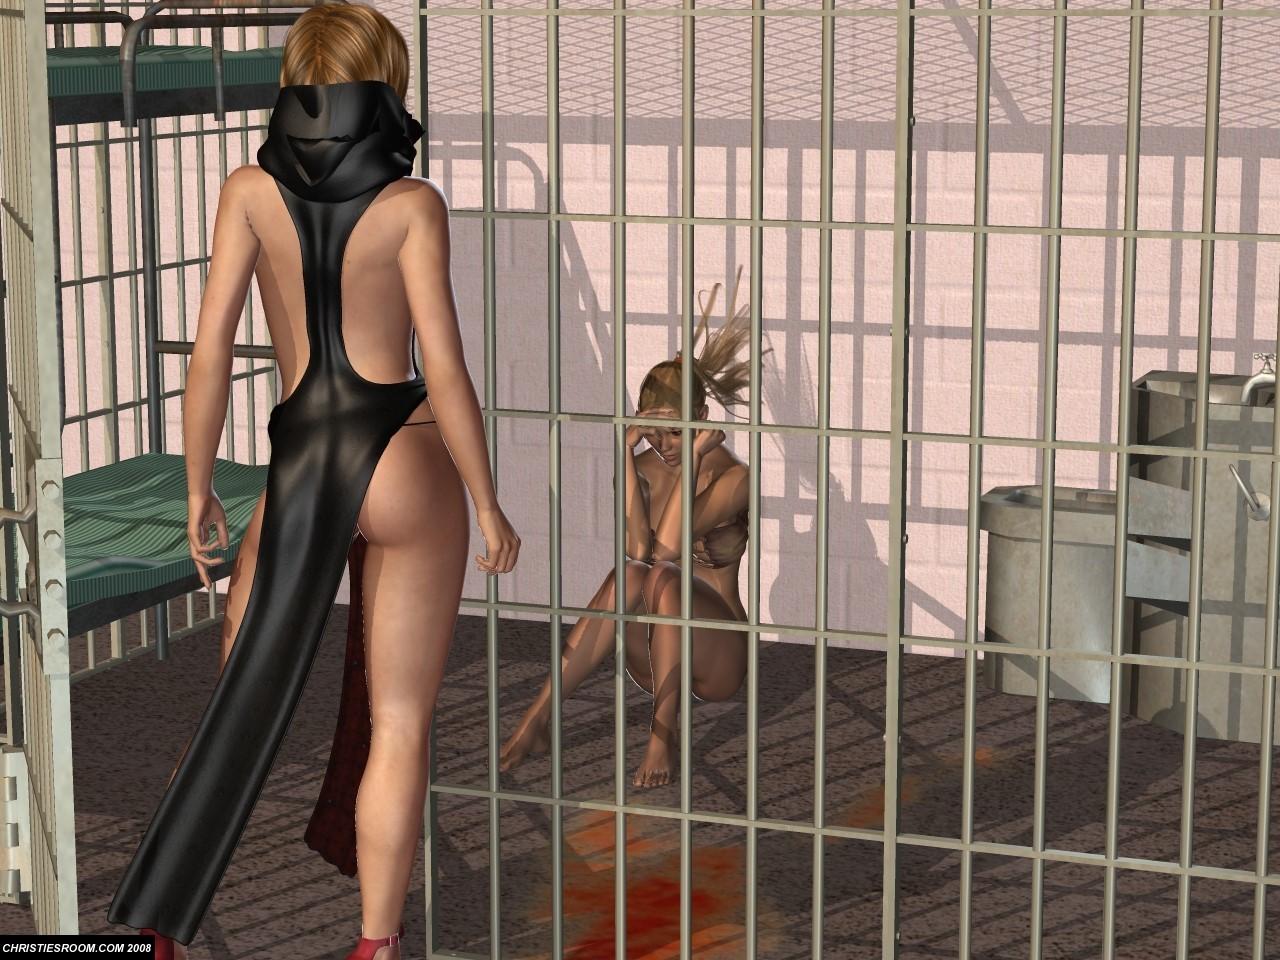 Эро игры 3d онлайн бесплатно 14 фотография